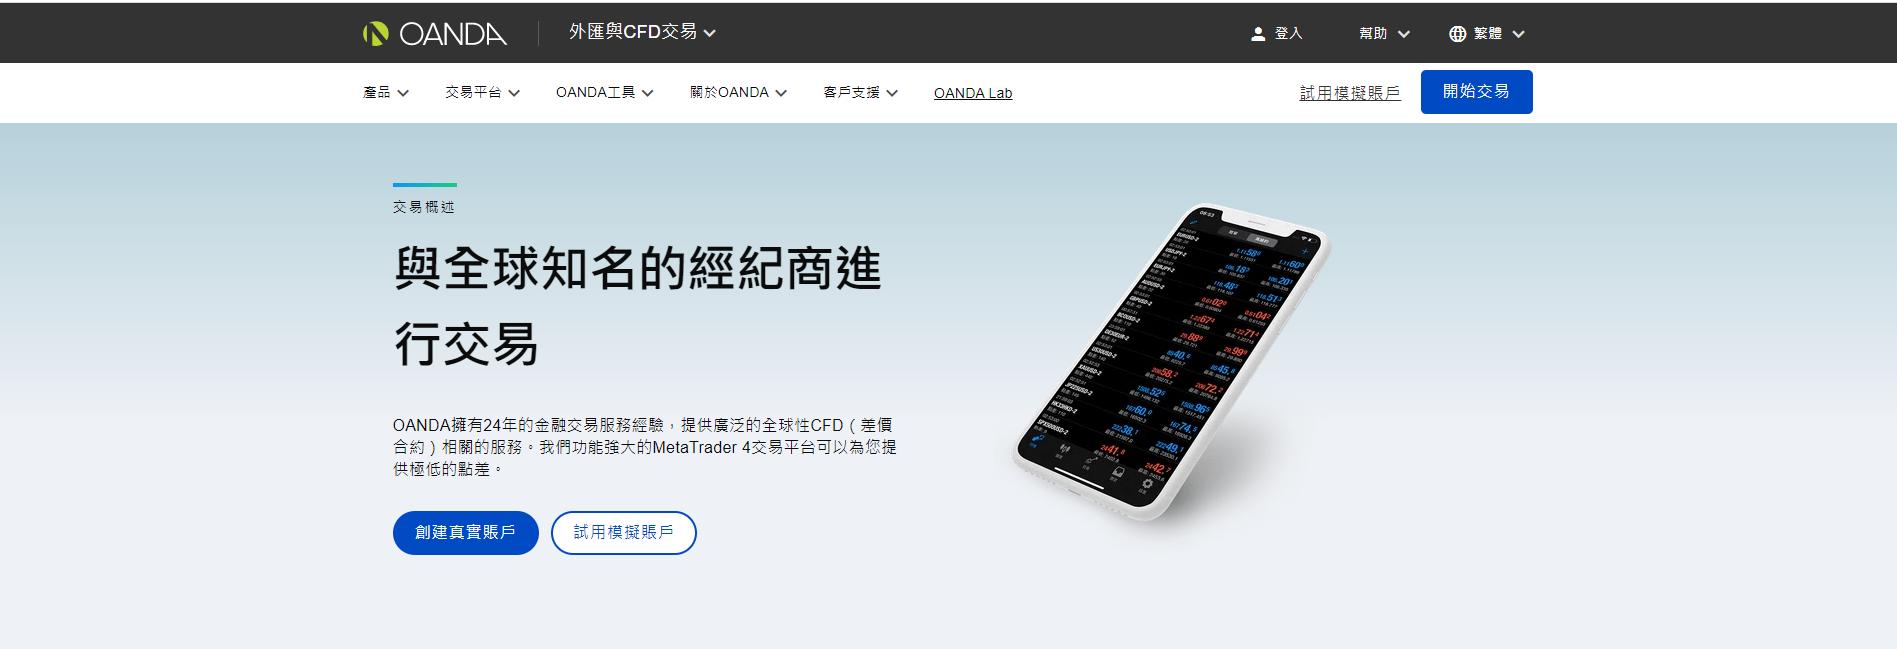 OANDA台灣官網